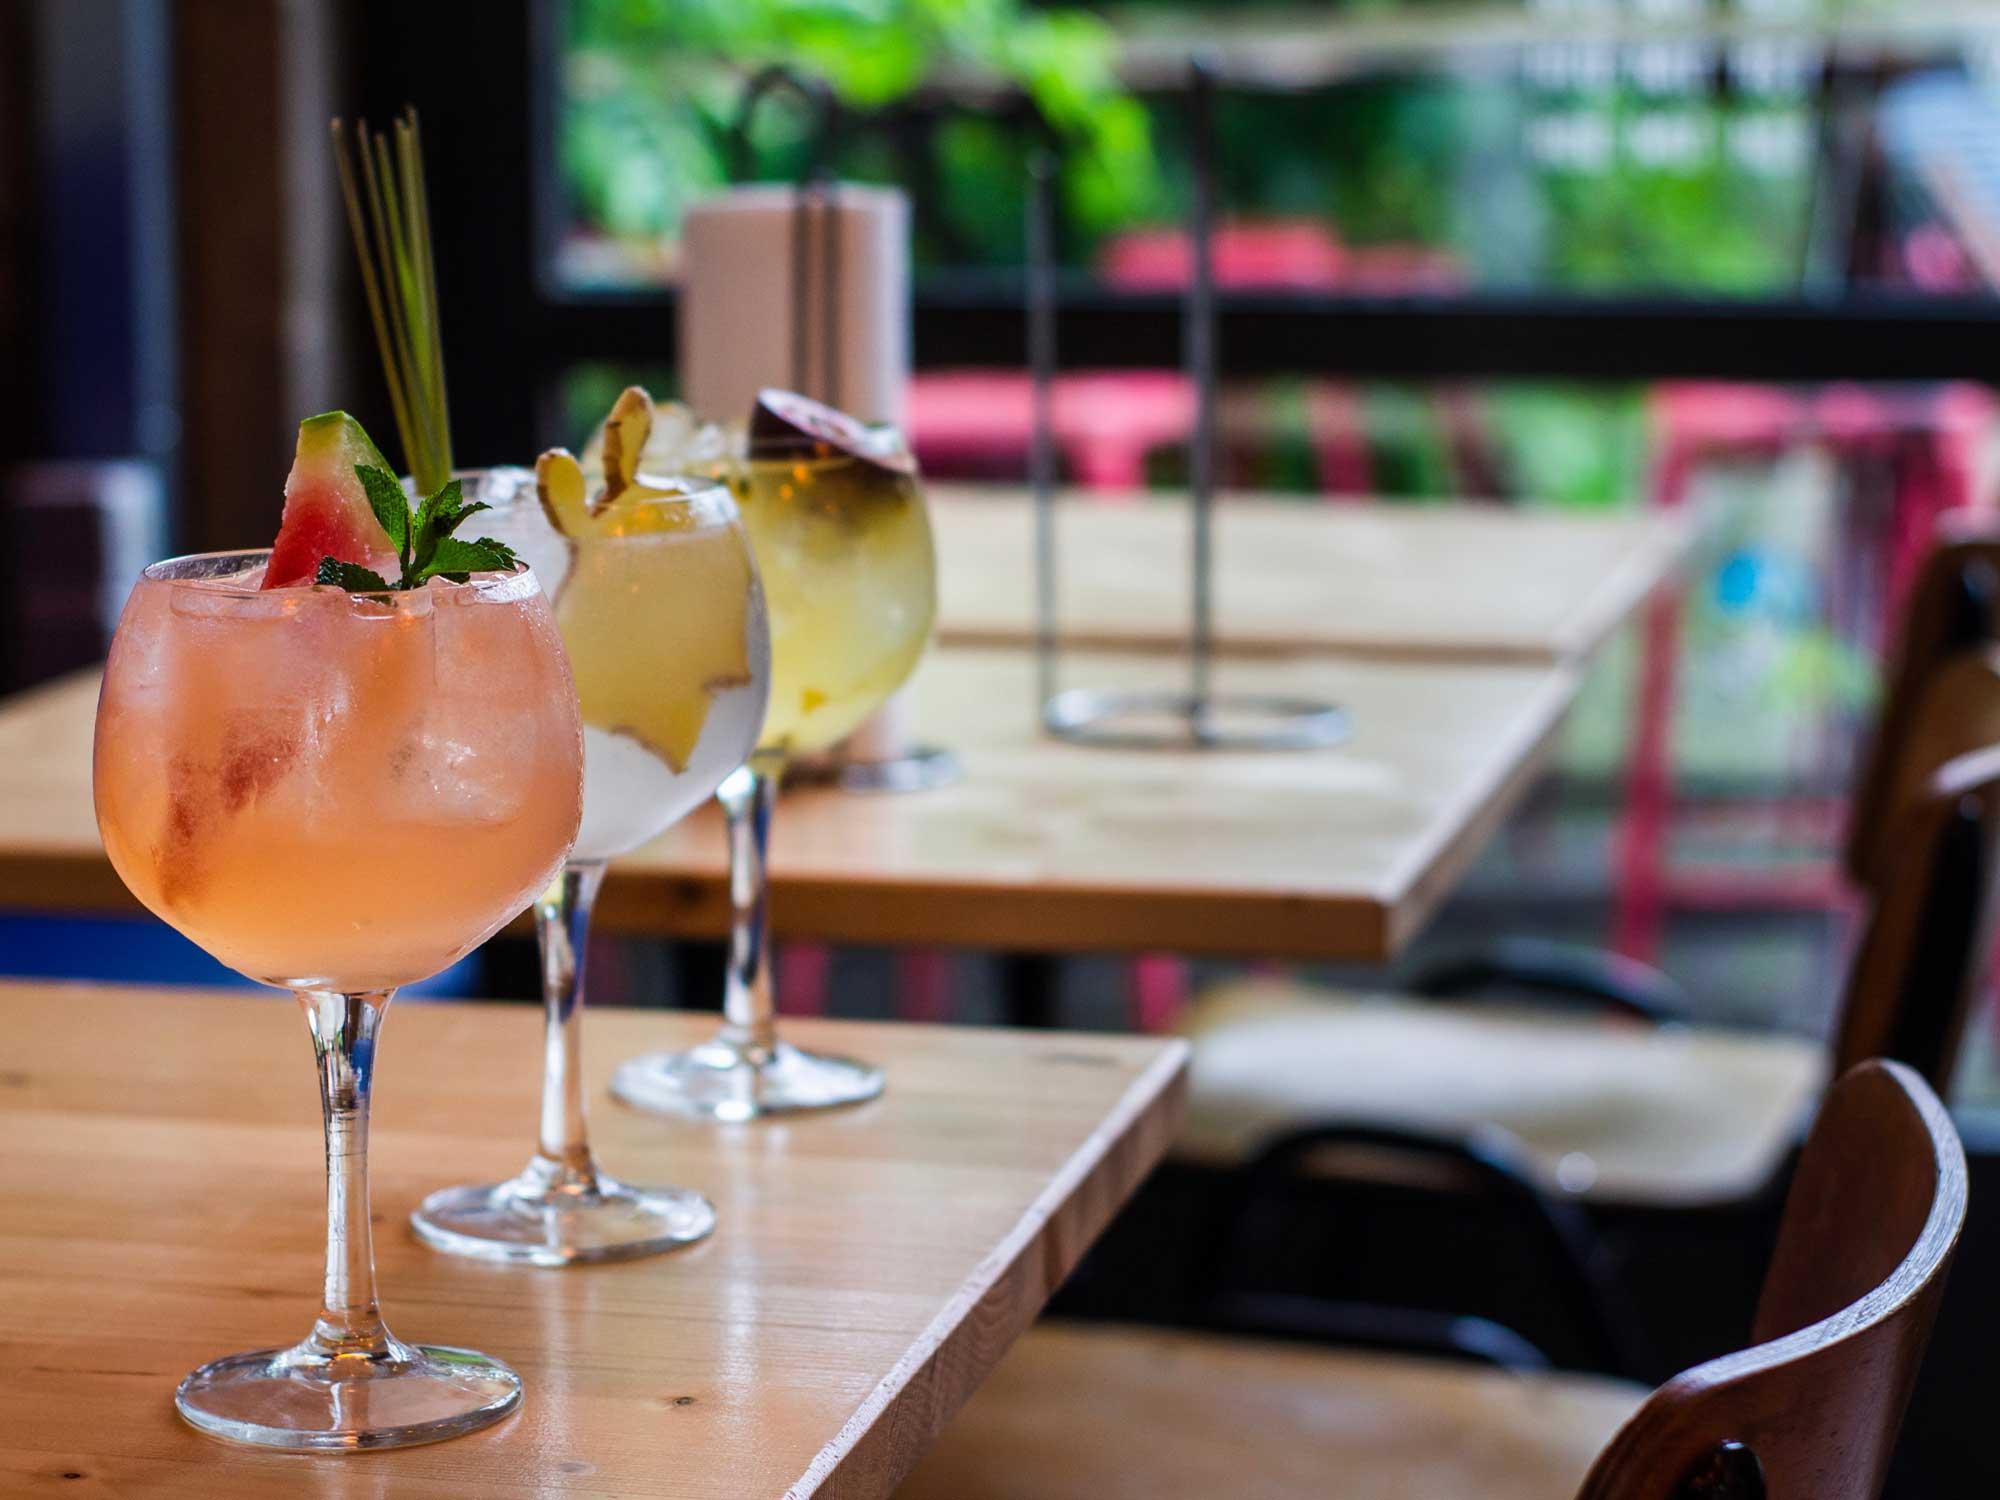 comment parler d'alcool sur les réseaux sociaux